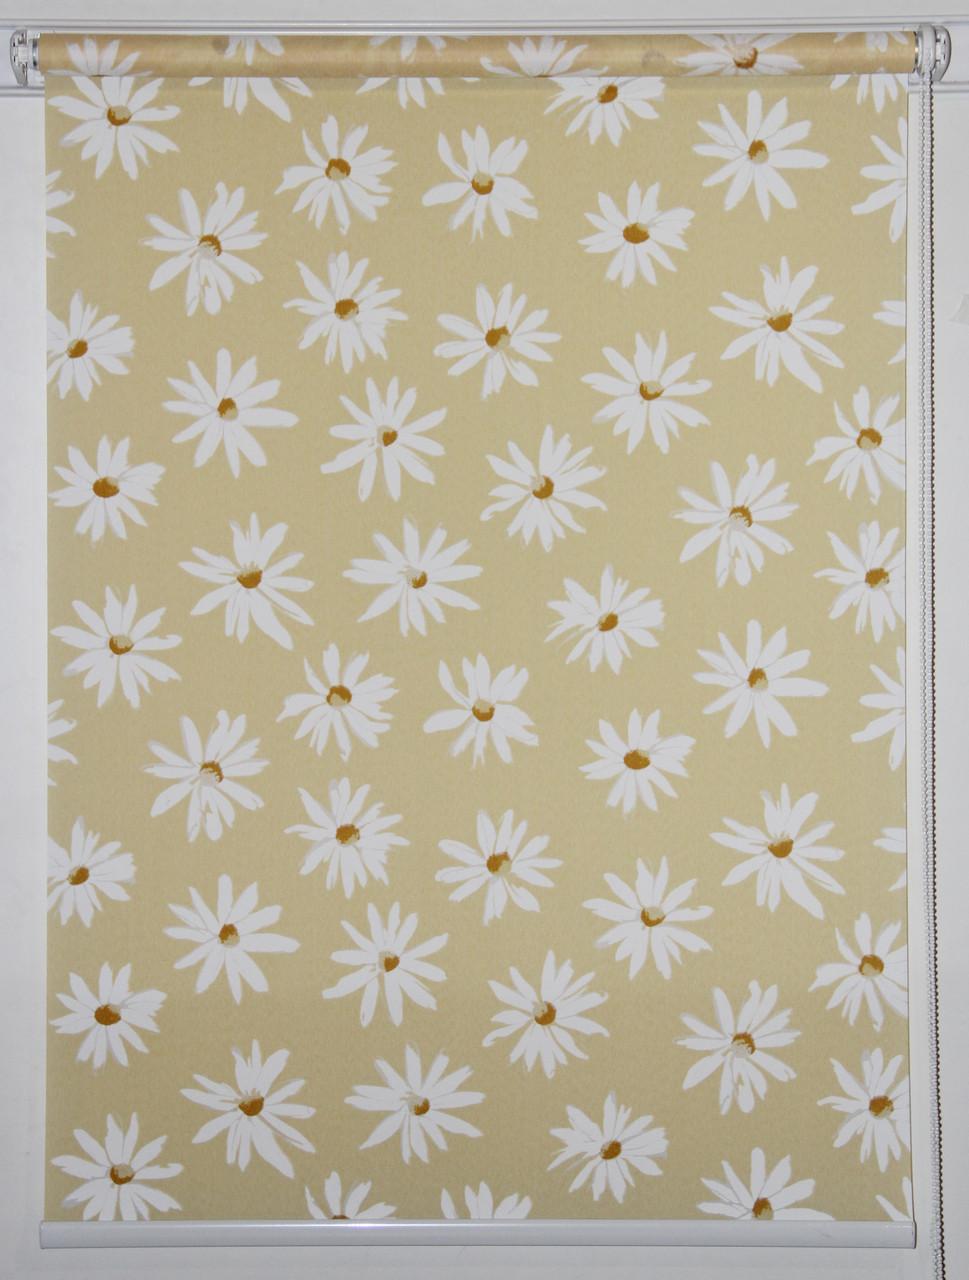 Готовые рулонные шторы 1050*1500 Ткань Ромашки Жёлтый